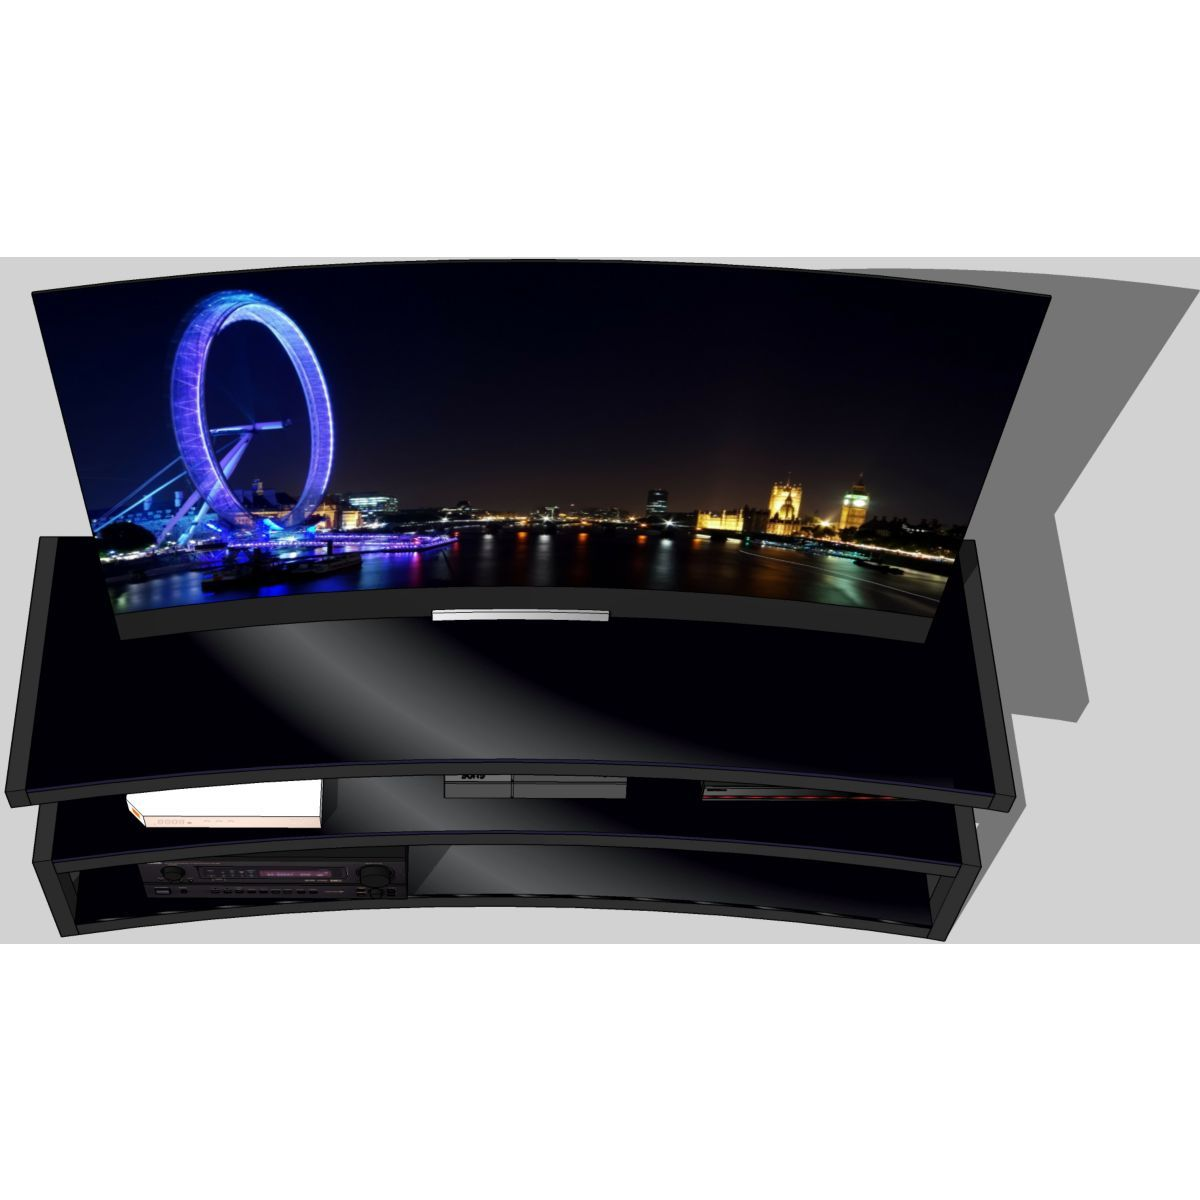 Meuble Tv Esse Curve Noir Laque Noir 1 5m 32 60p Taille Taille